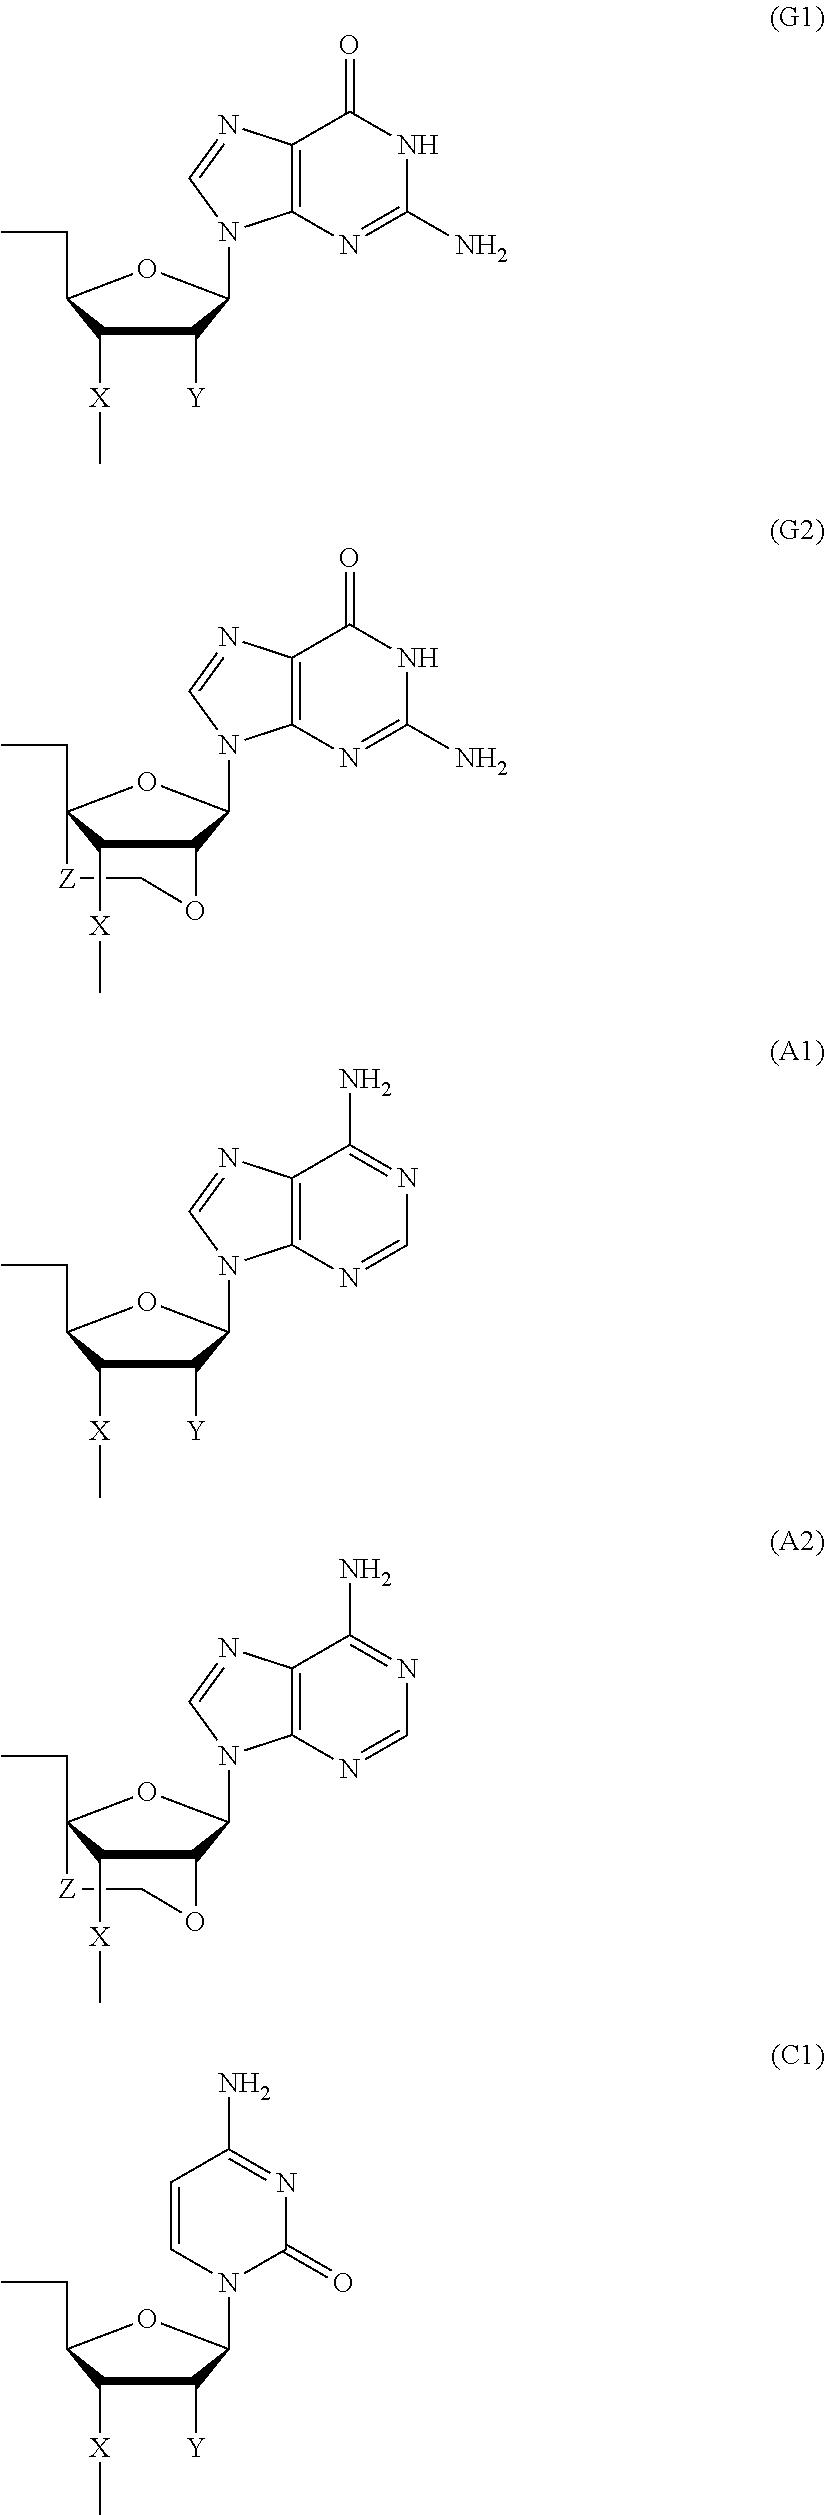 Figure US09243026-20160126-C00018